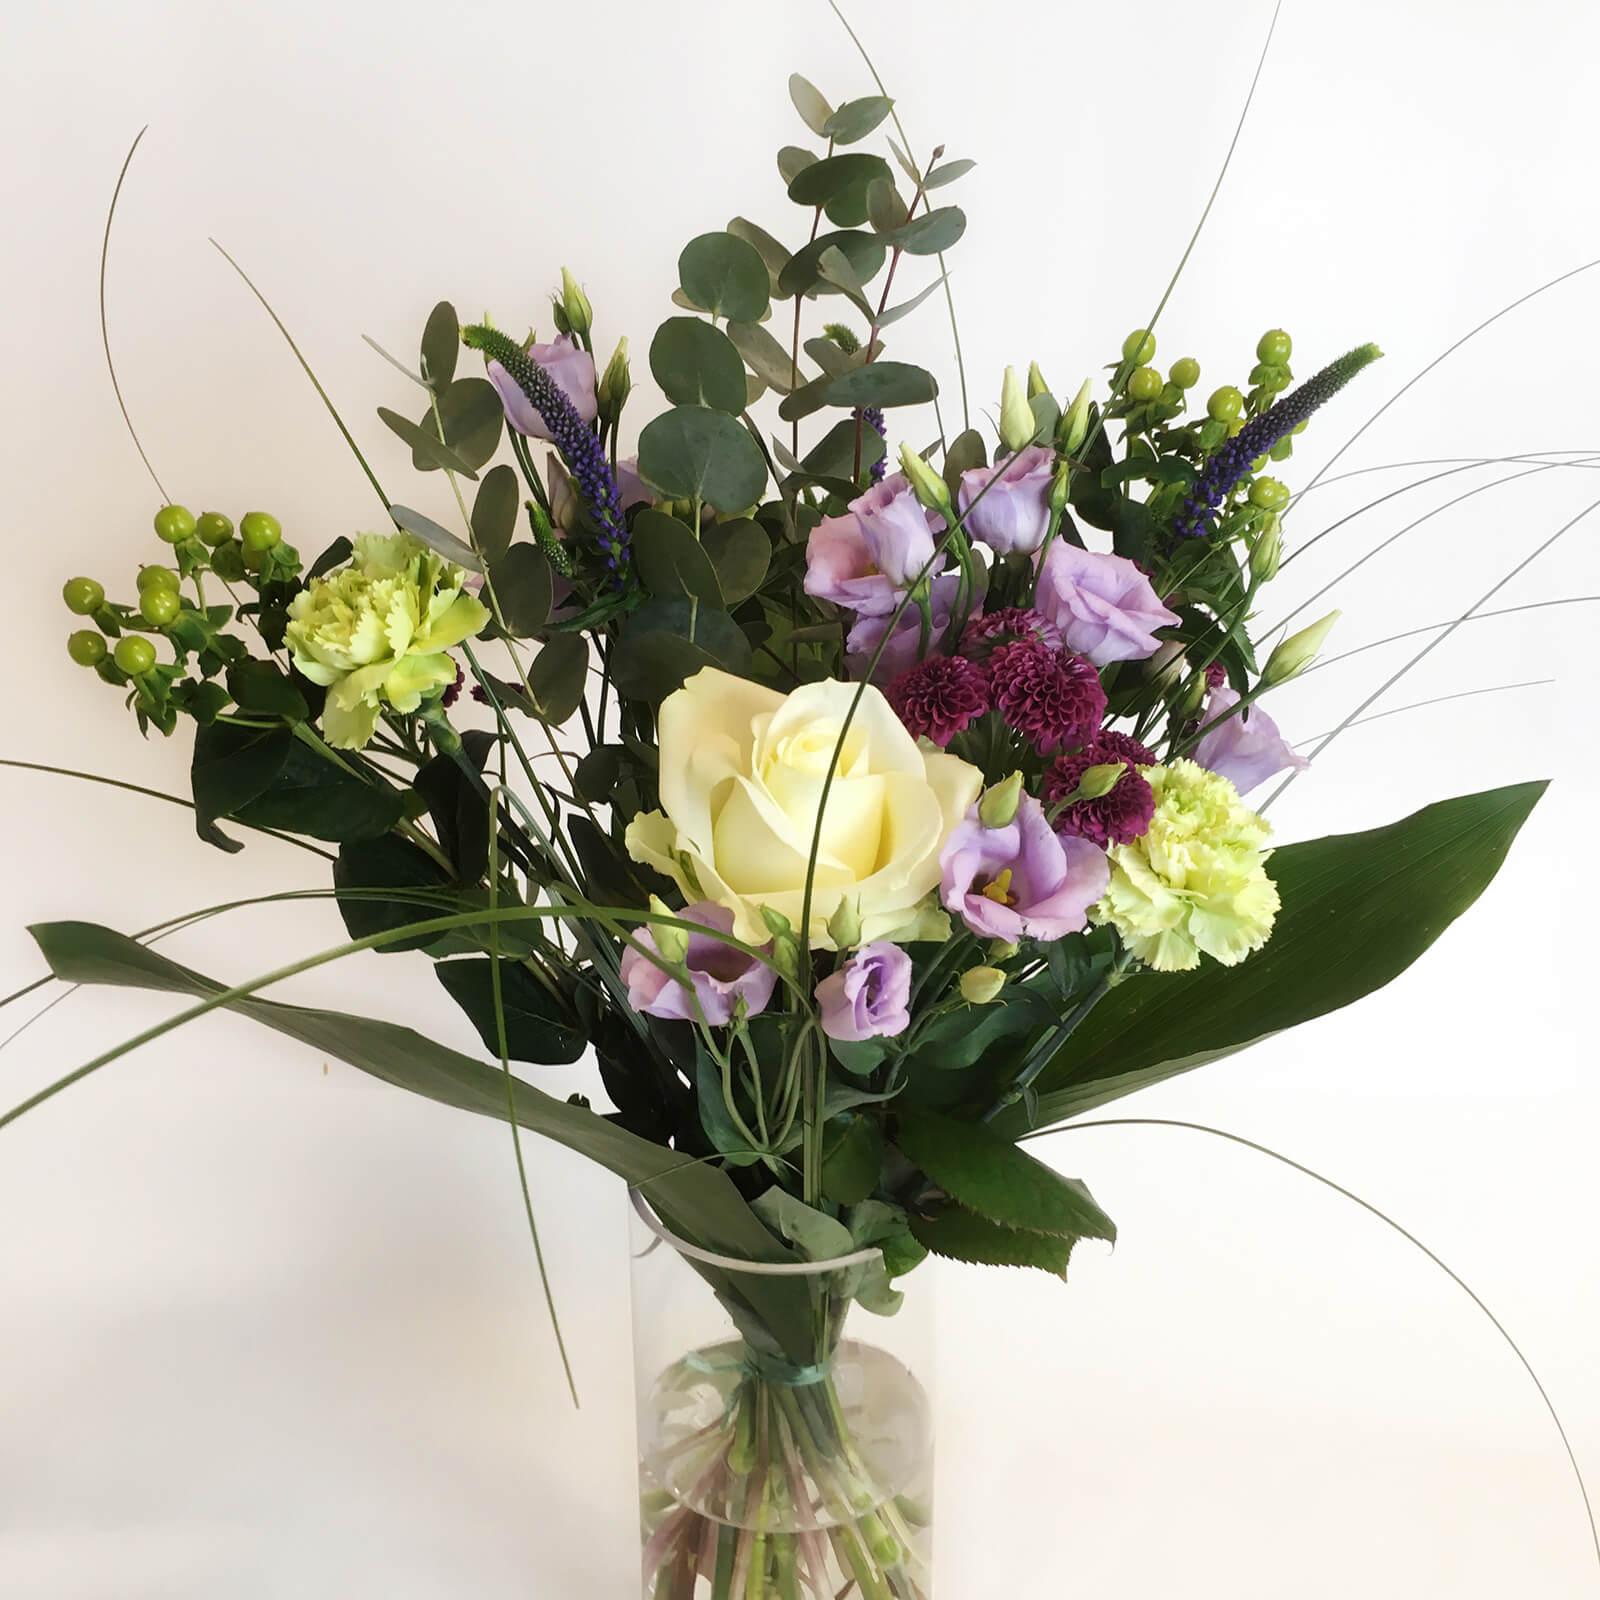 En luftig bukett med blandade blommor. Skicka blommor i Hunnebostrand, Kungshamn, Väjern, Smögen, Bovallstrand och Hovenäset.